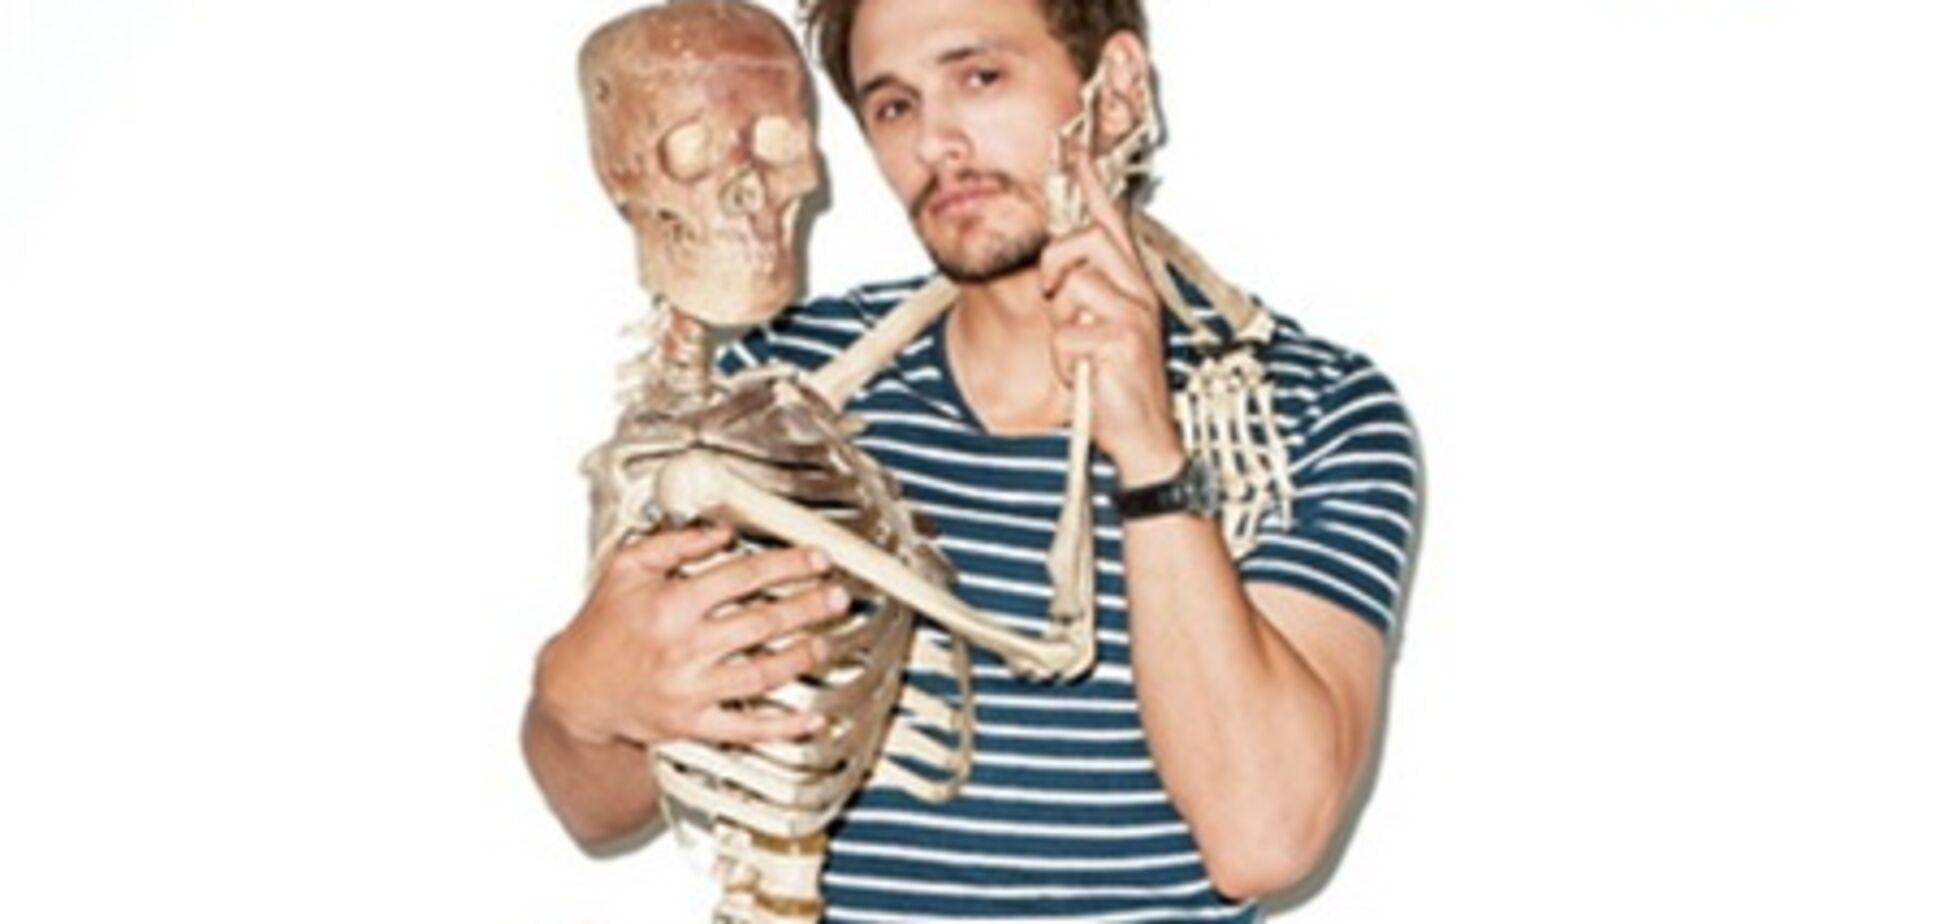 Джеймс Франко: шуры-муры со скелетом